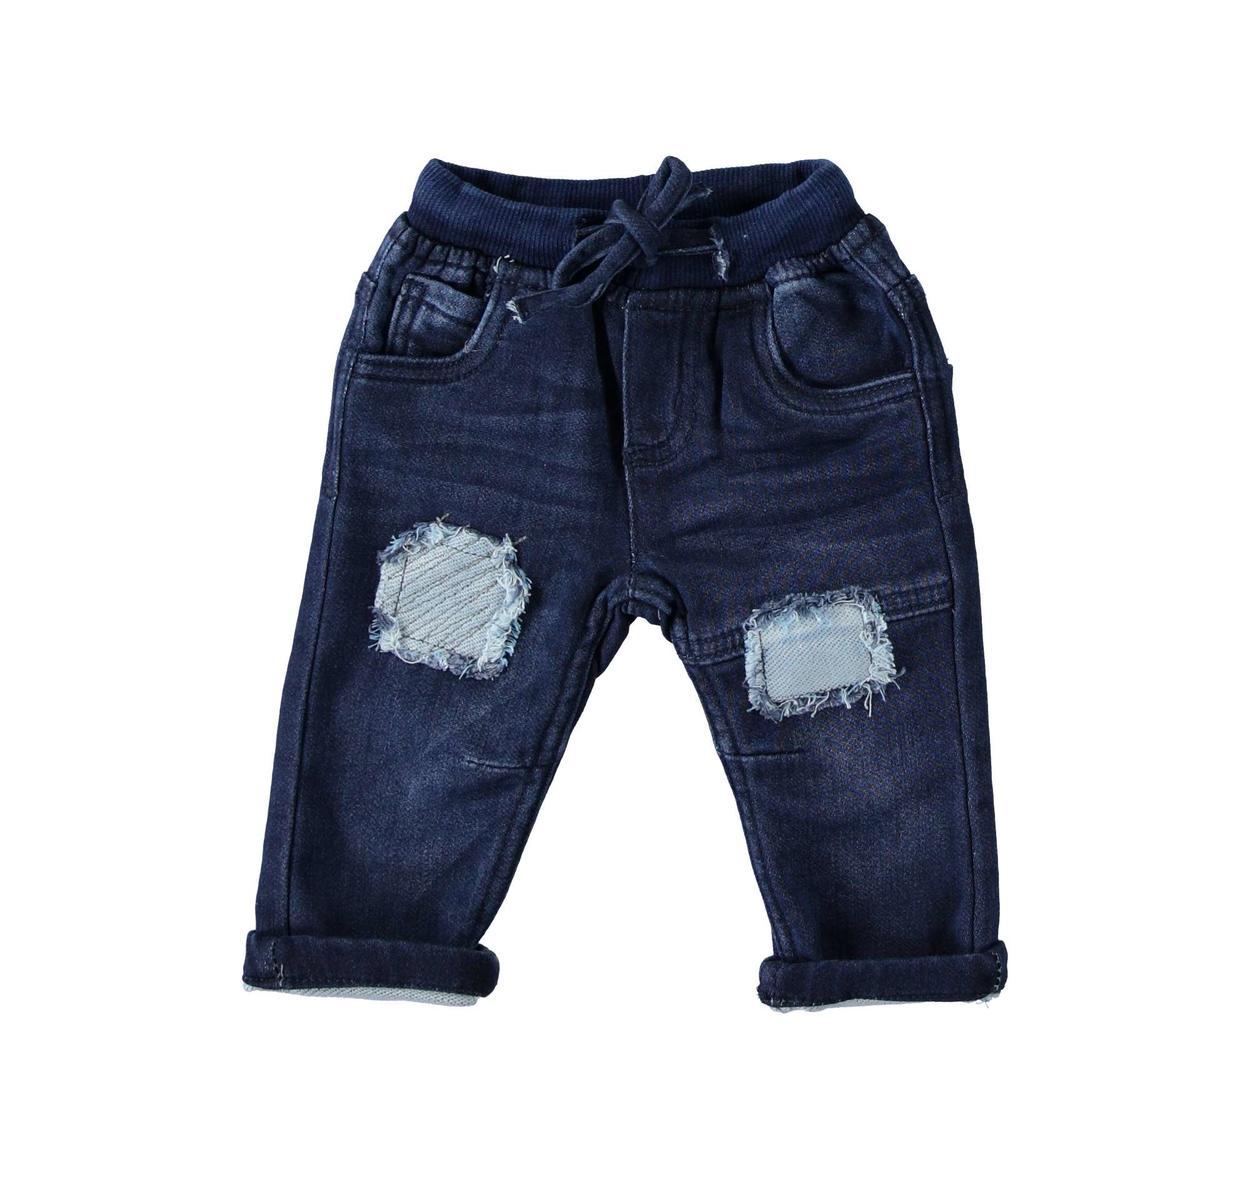 valore eccezionale offrire sconti ottimi prezzi Jeans in denim stretch per neonato da 0 a 18 mesi Mignolo